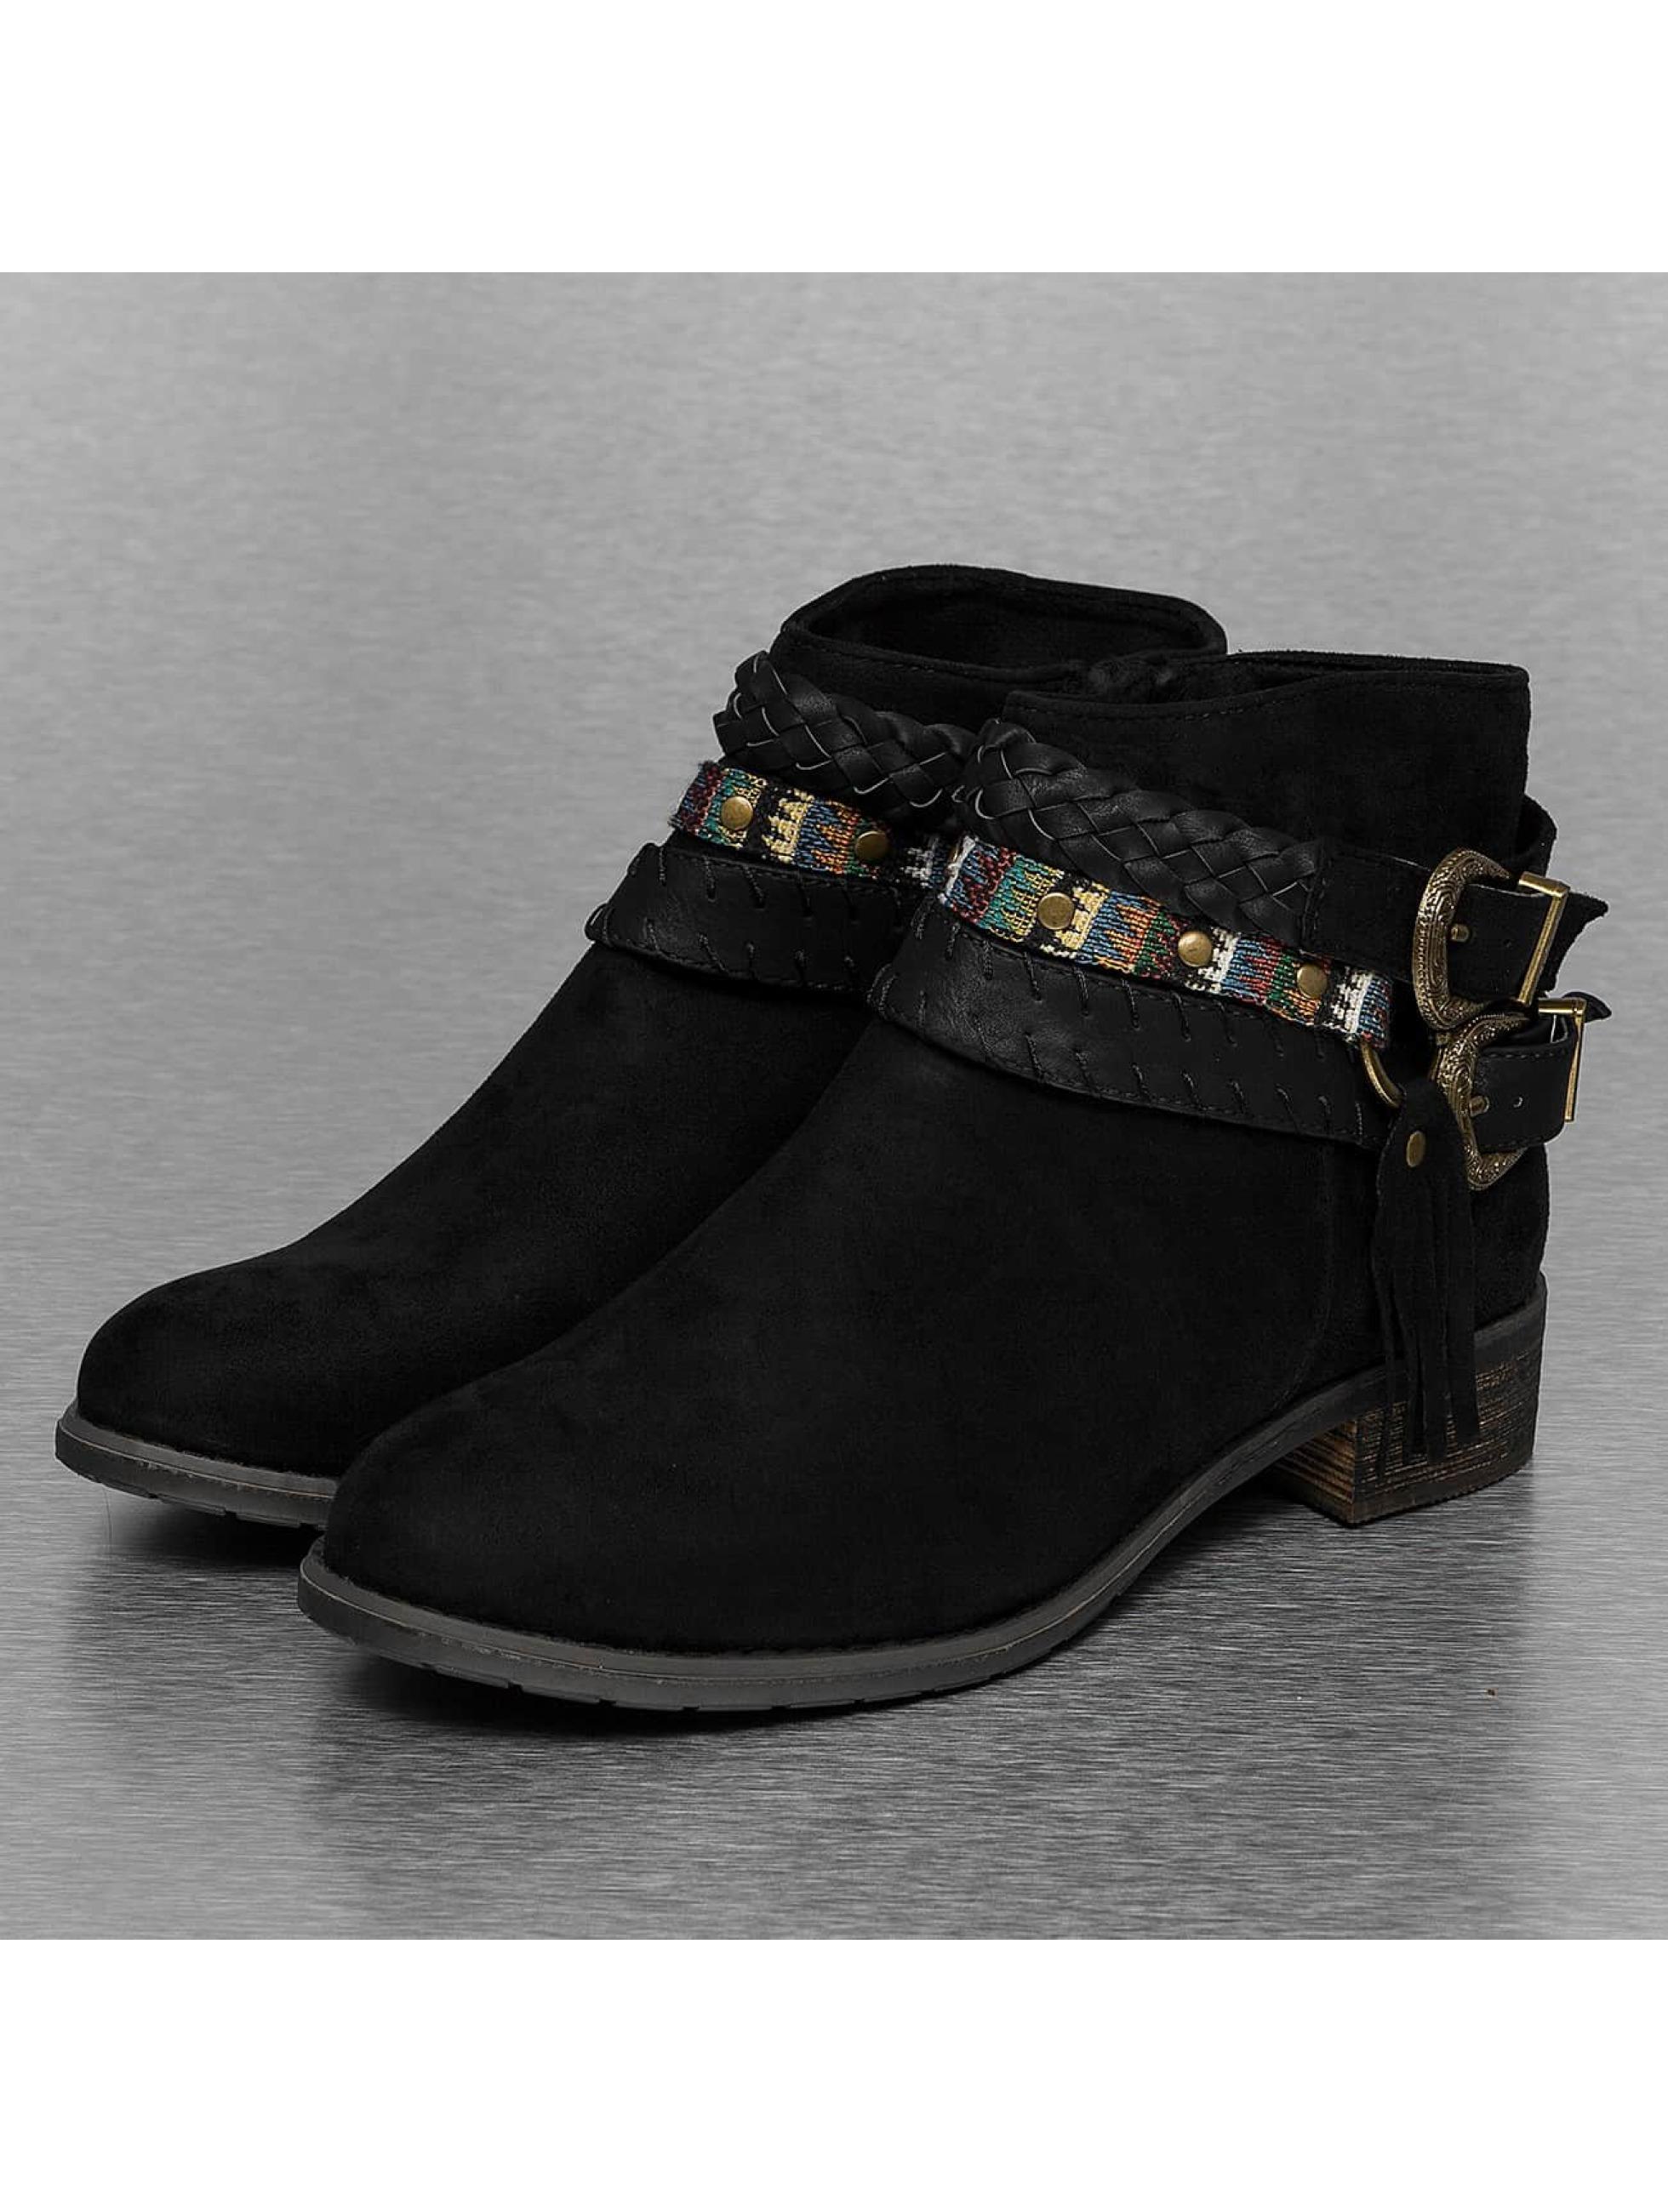 Jumex Chaussures / Botte/Bottine Chain Ethno en noir